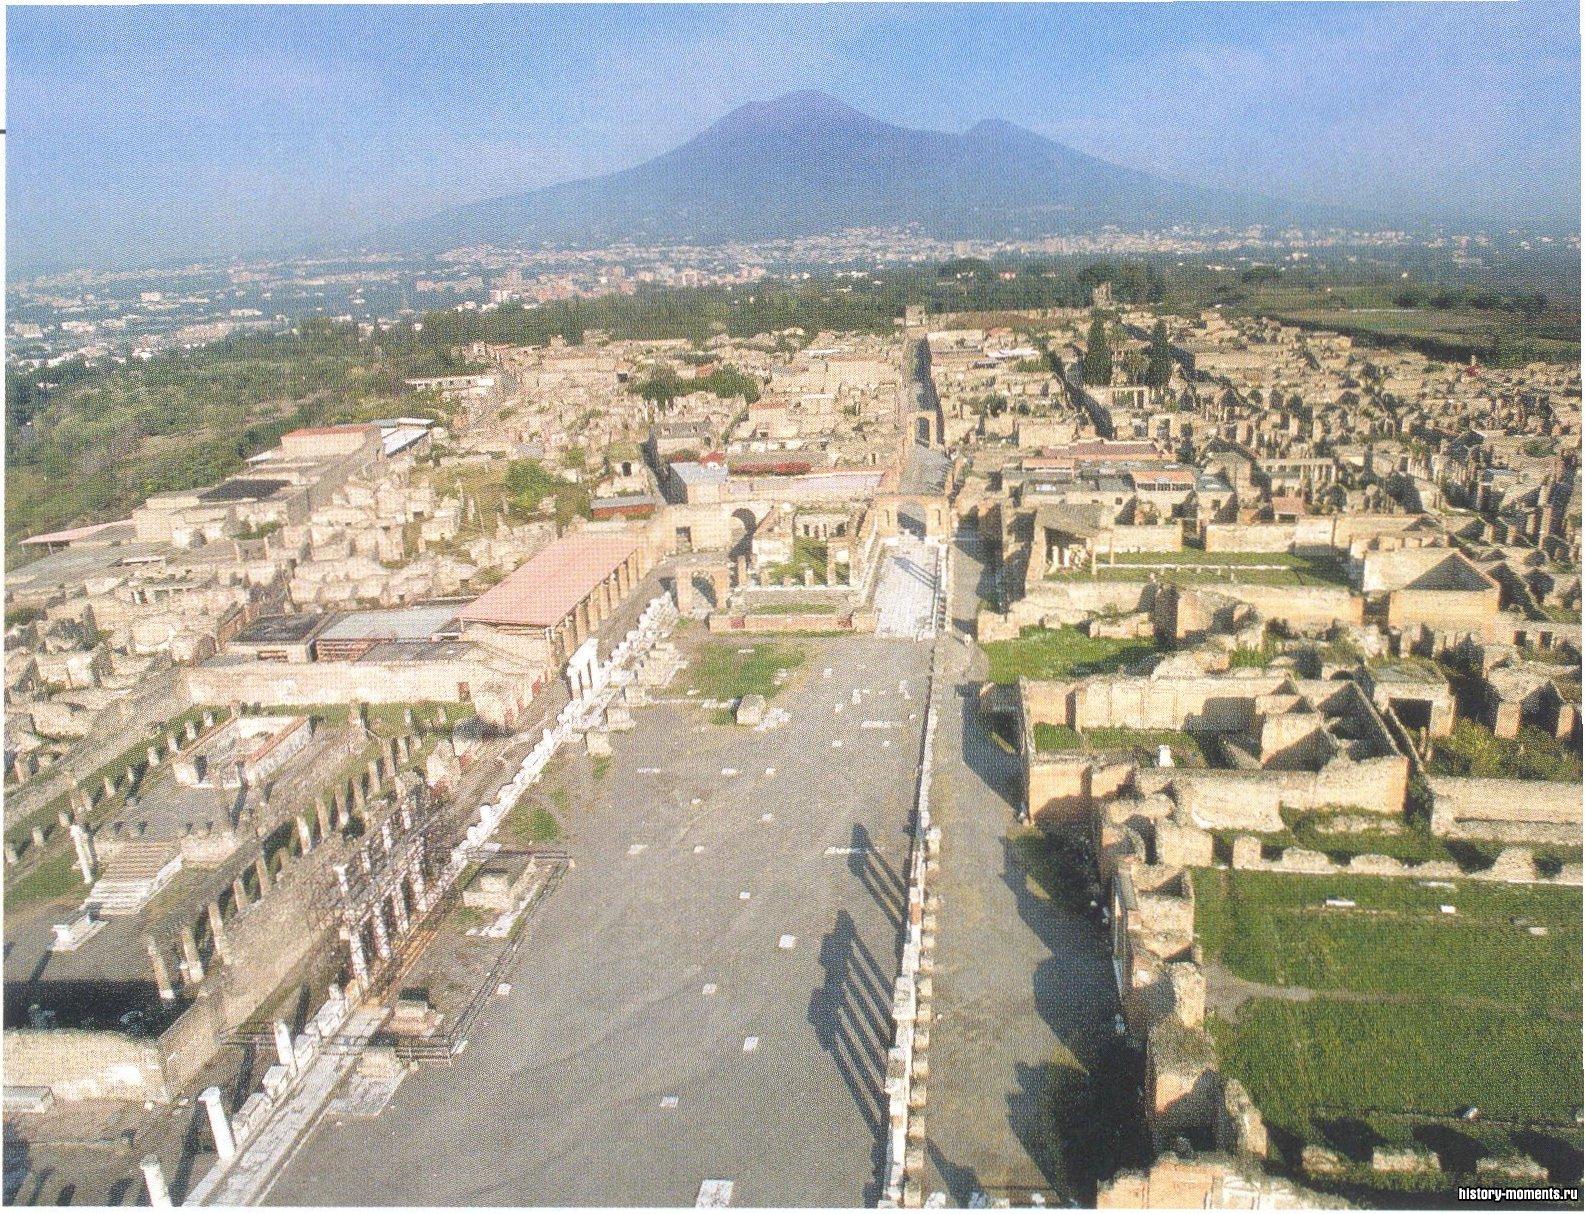 На этой фотографии изображена часть разрушенного римского города Помпеи.